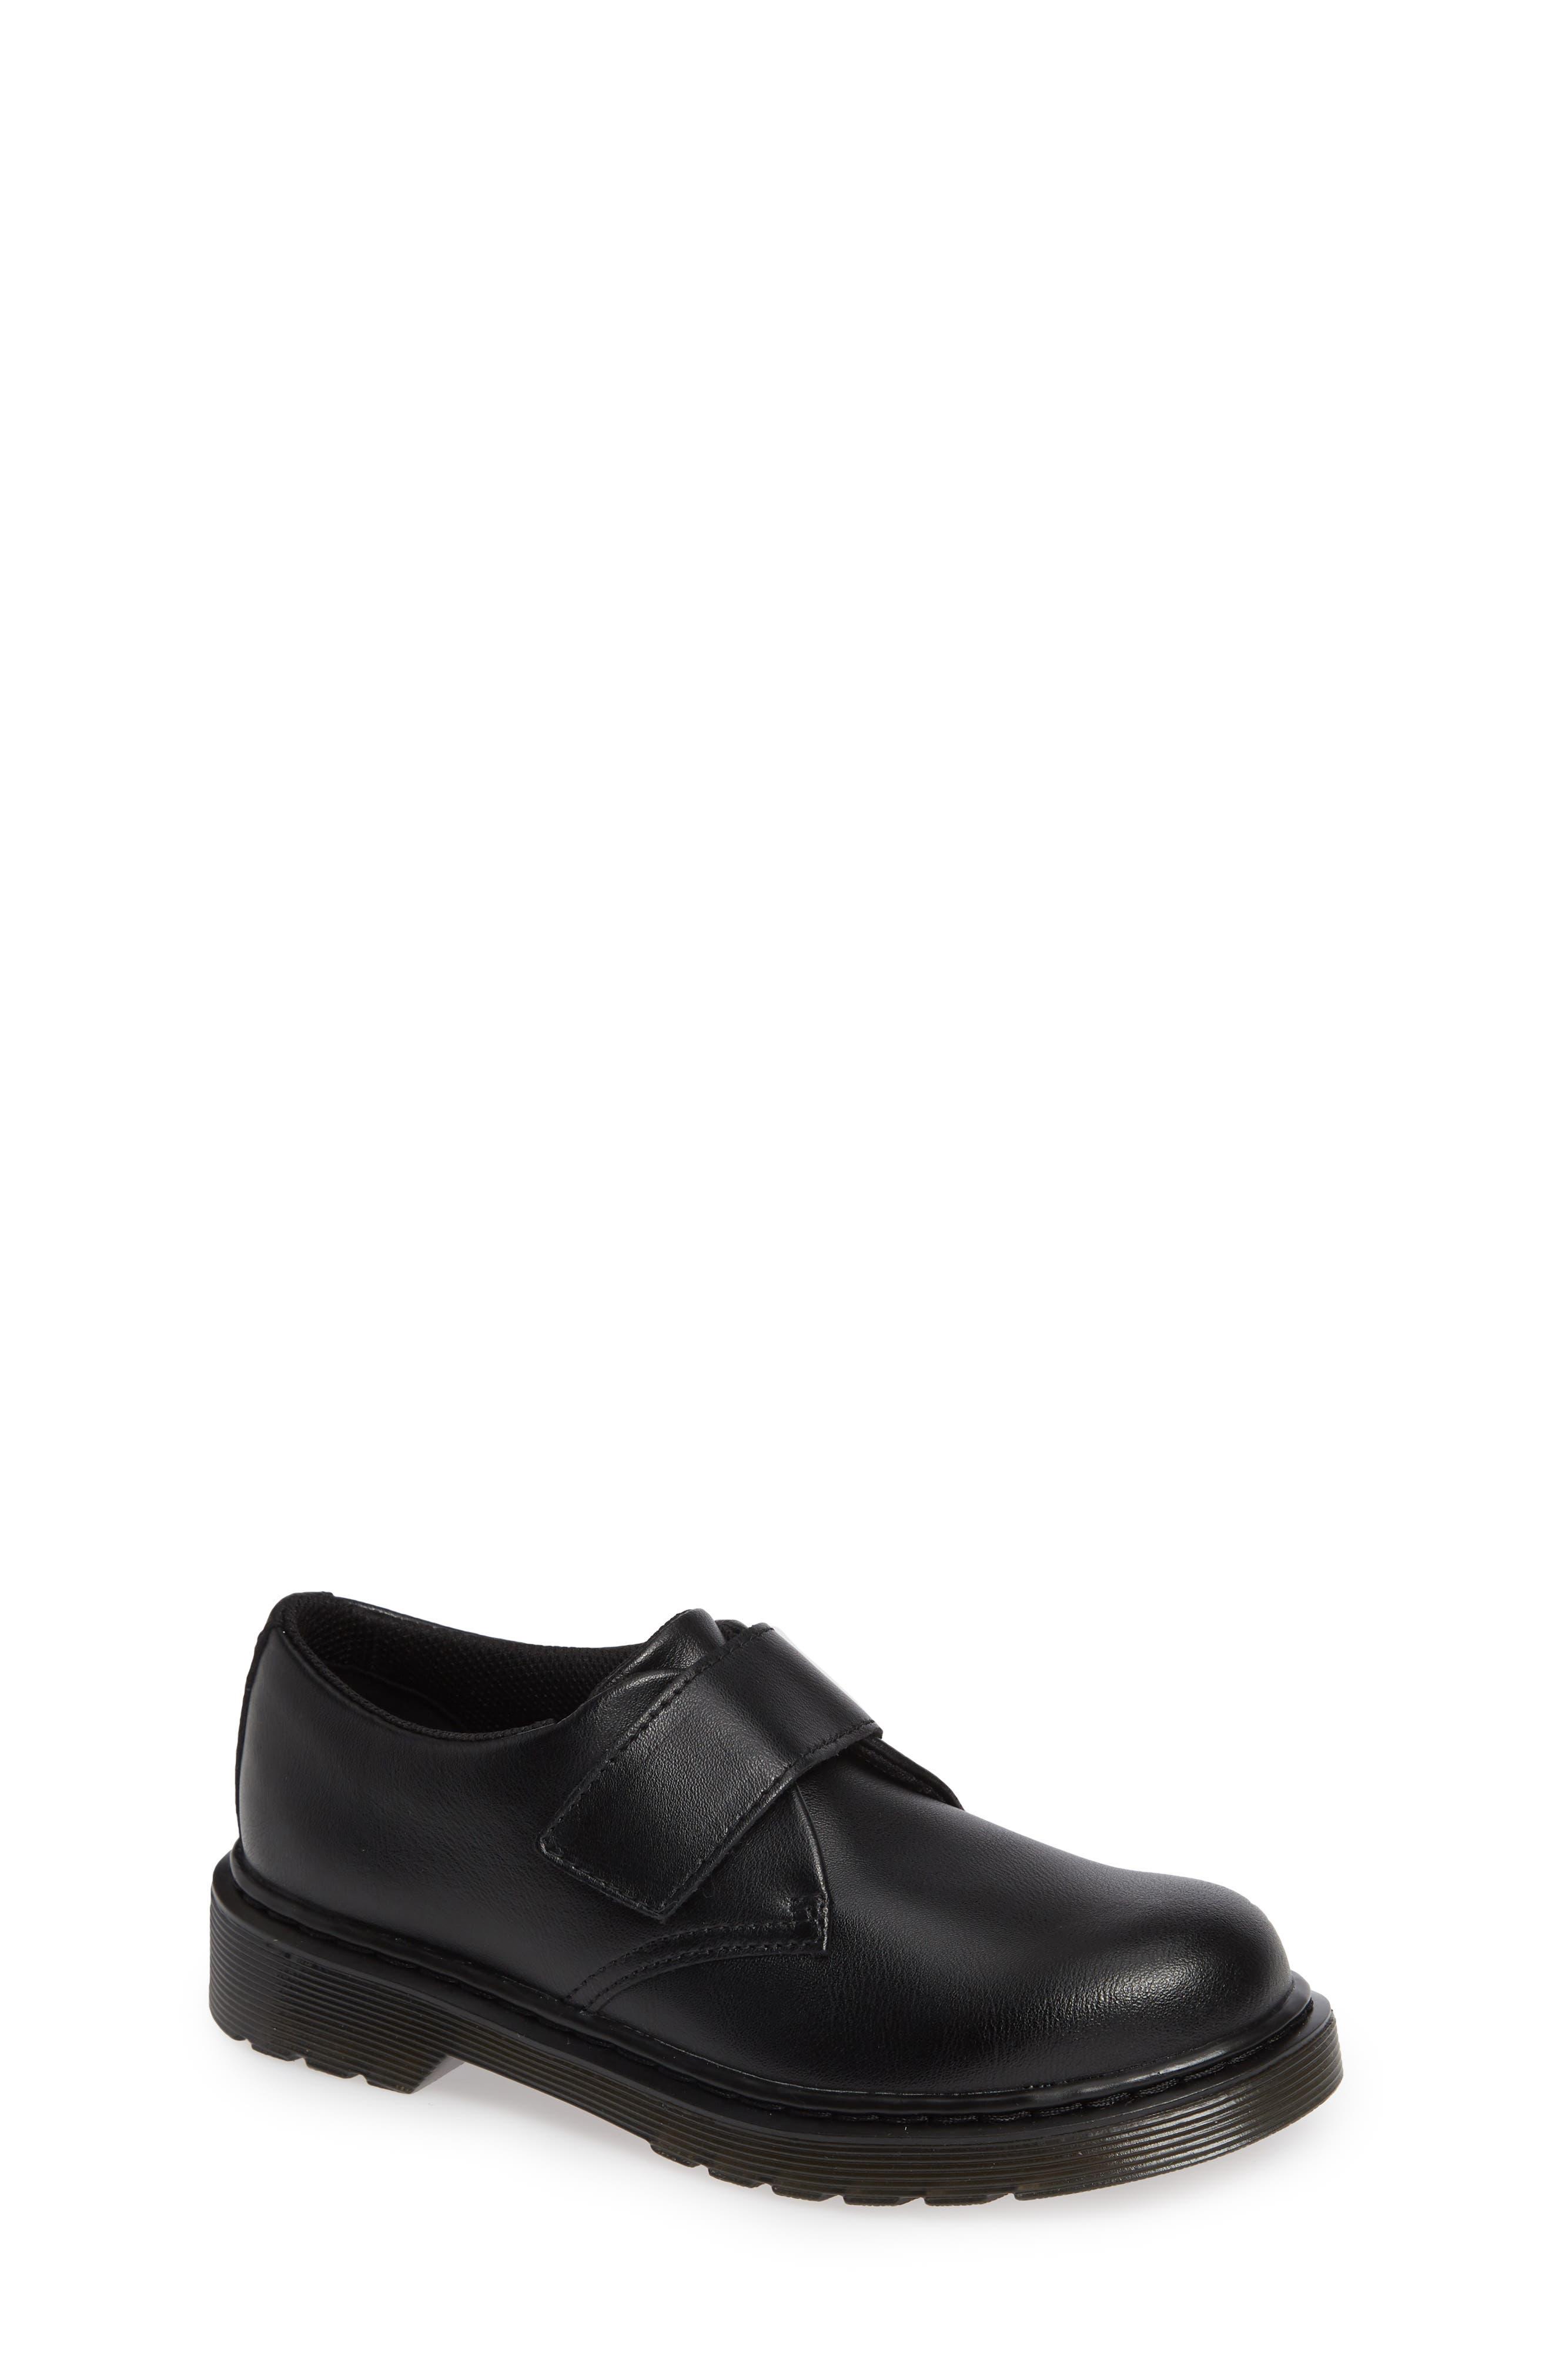 Image of Dr. Martens Strap Shoe